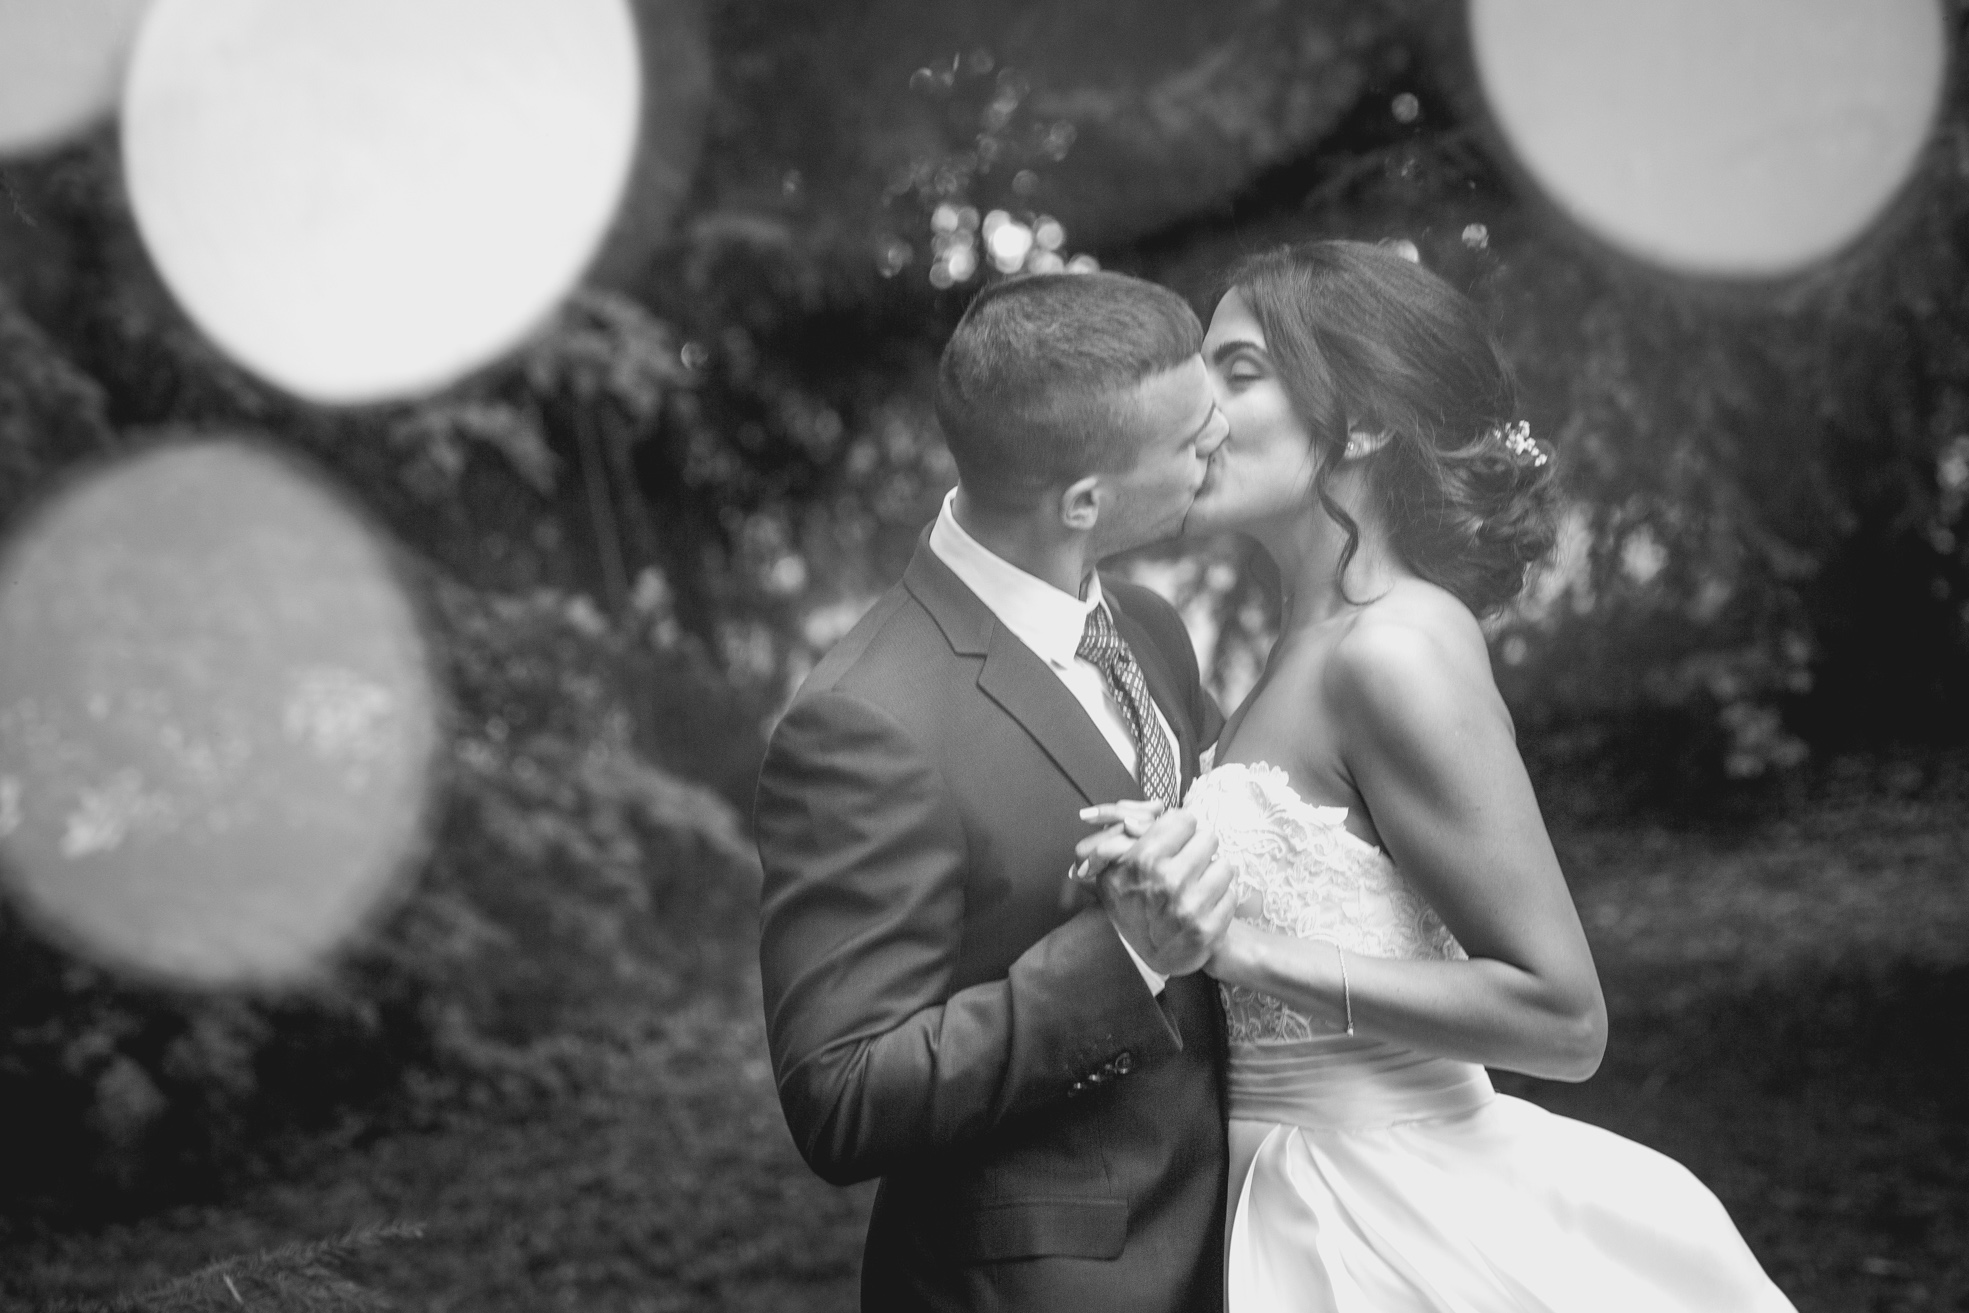 photographe mariage 75, photographe mariage PARIS, photographe de mariage, jean-baptiste Chauvin, www.studioart-photographe.fr